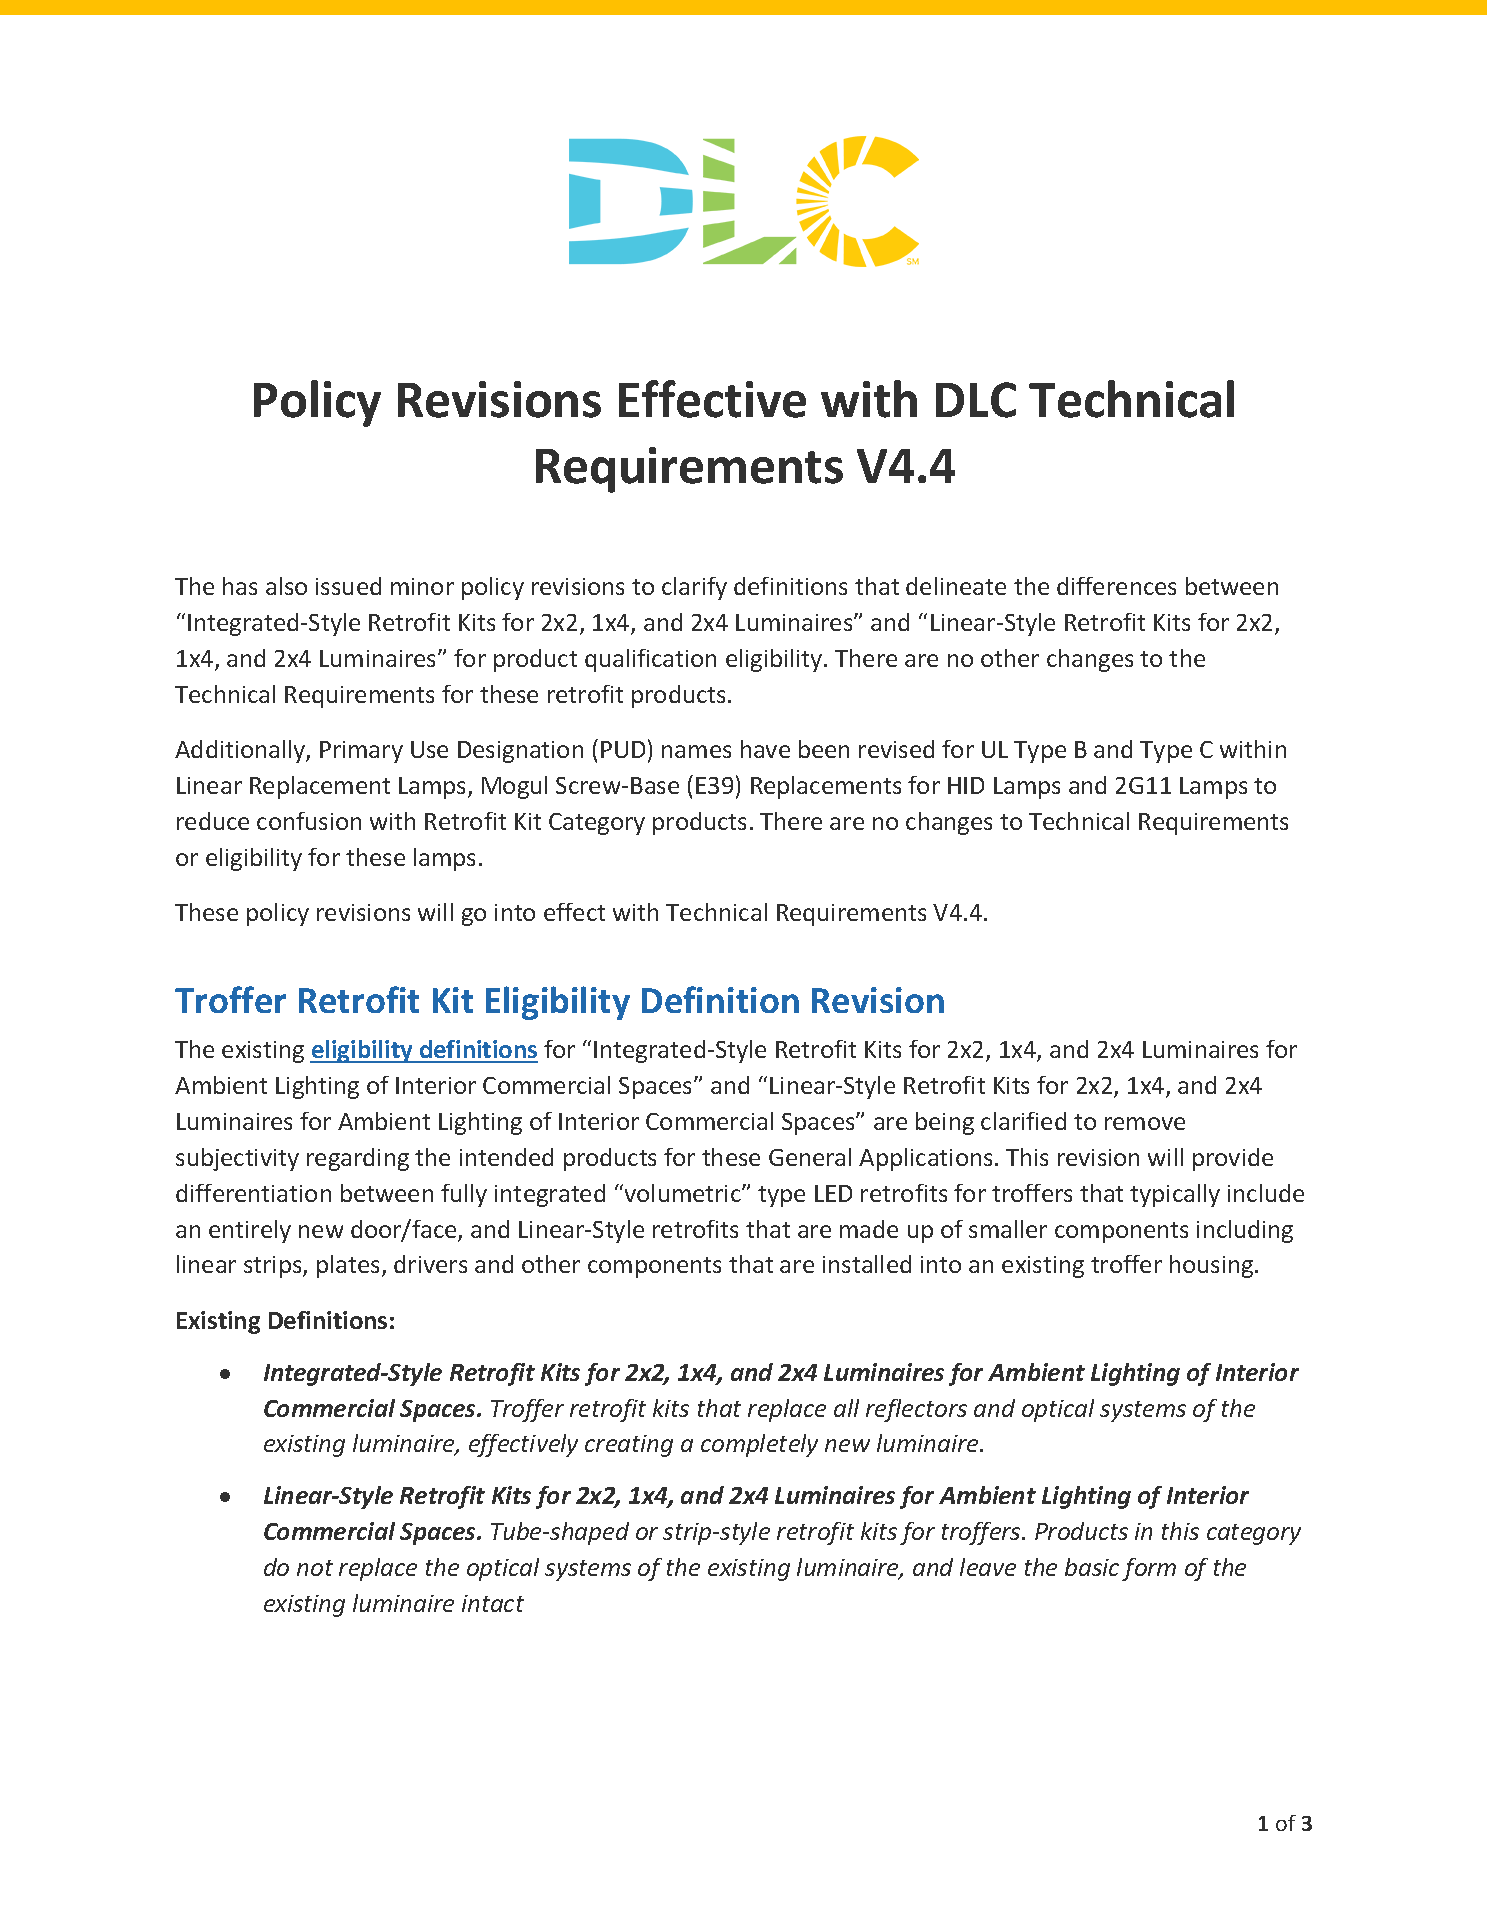 【摩尔资讯】美国DLC技术规范V4.4正式生效